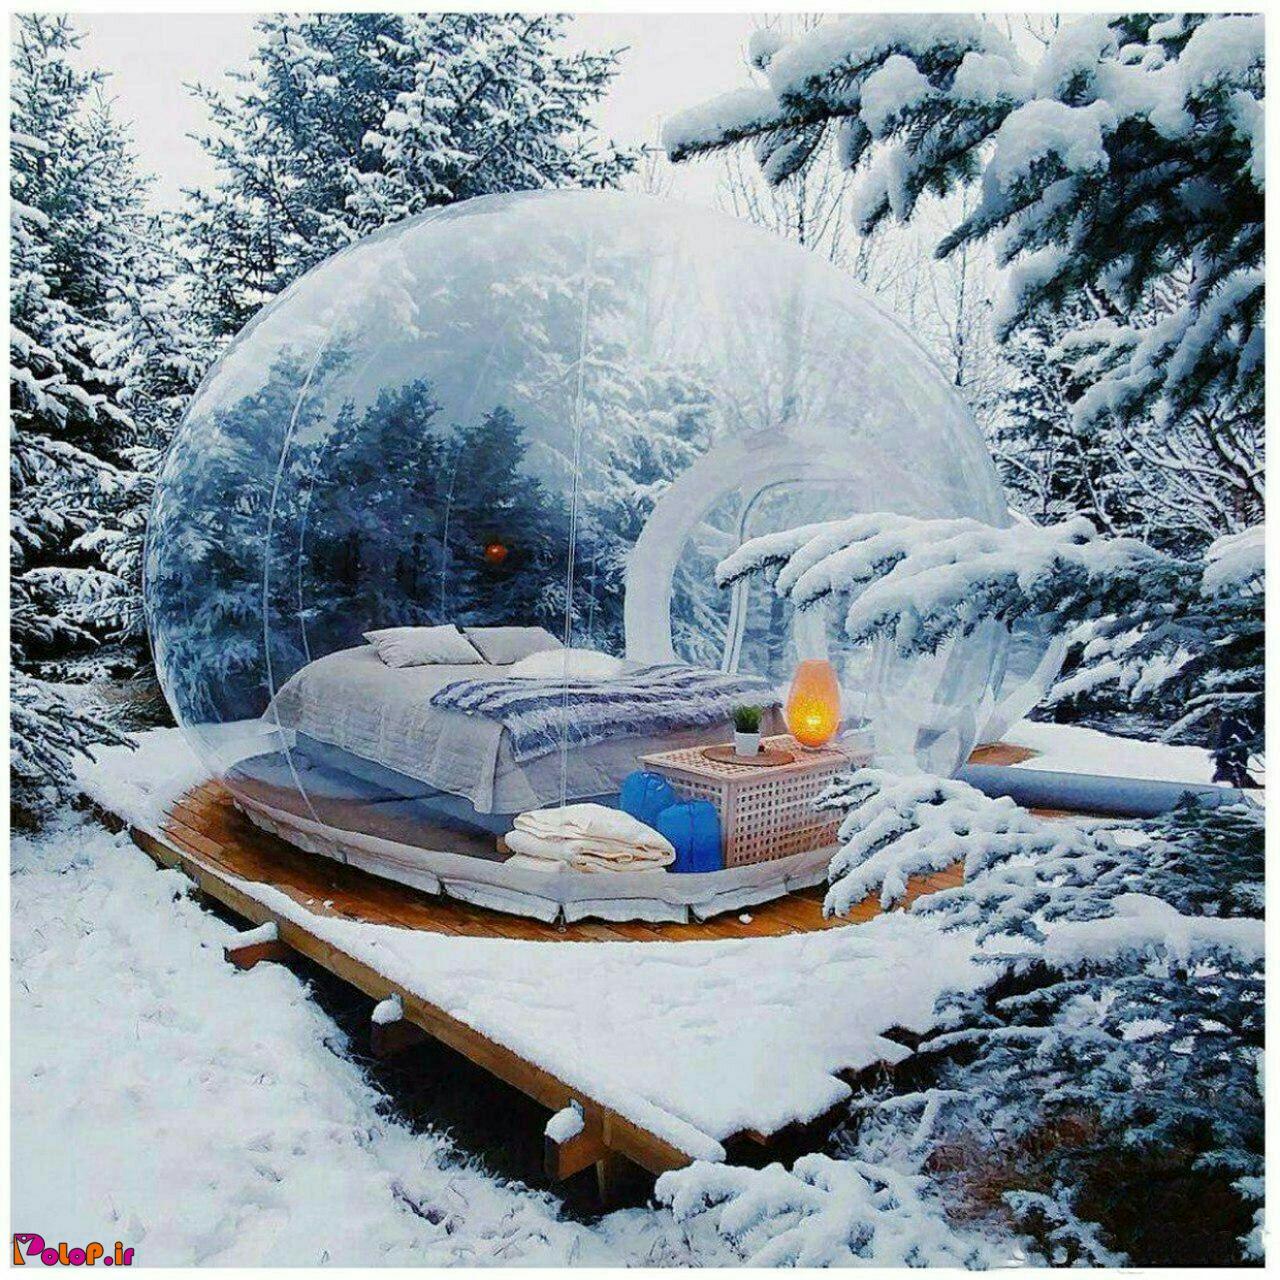 اتاق های بسیار زیبایی به شکل حباب